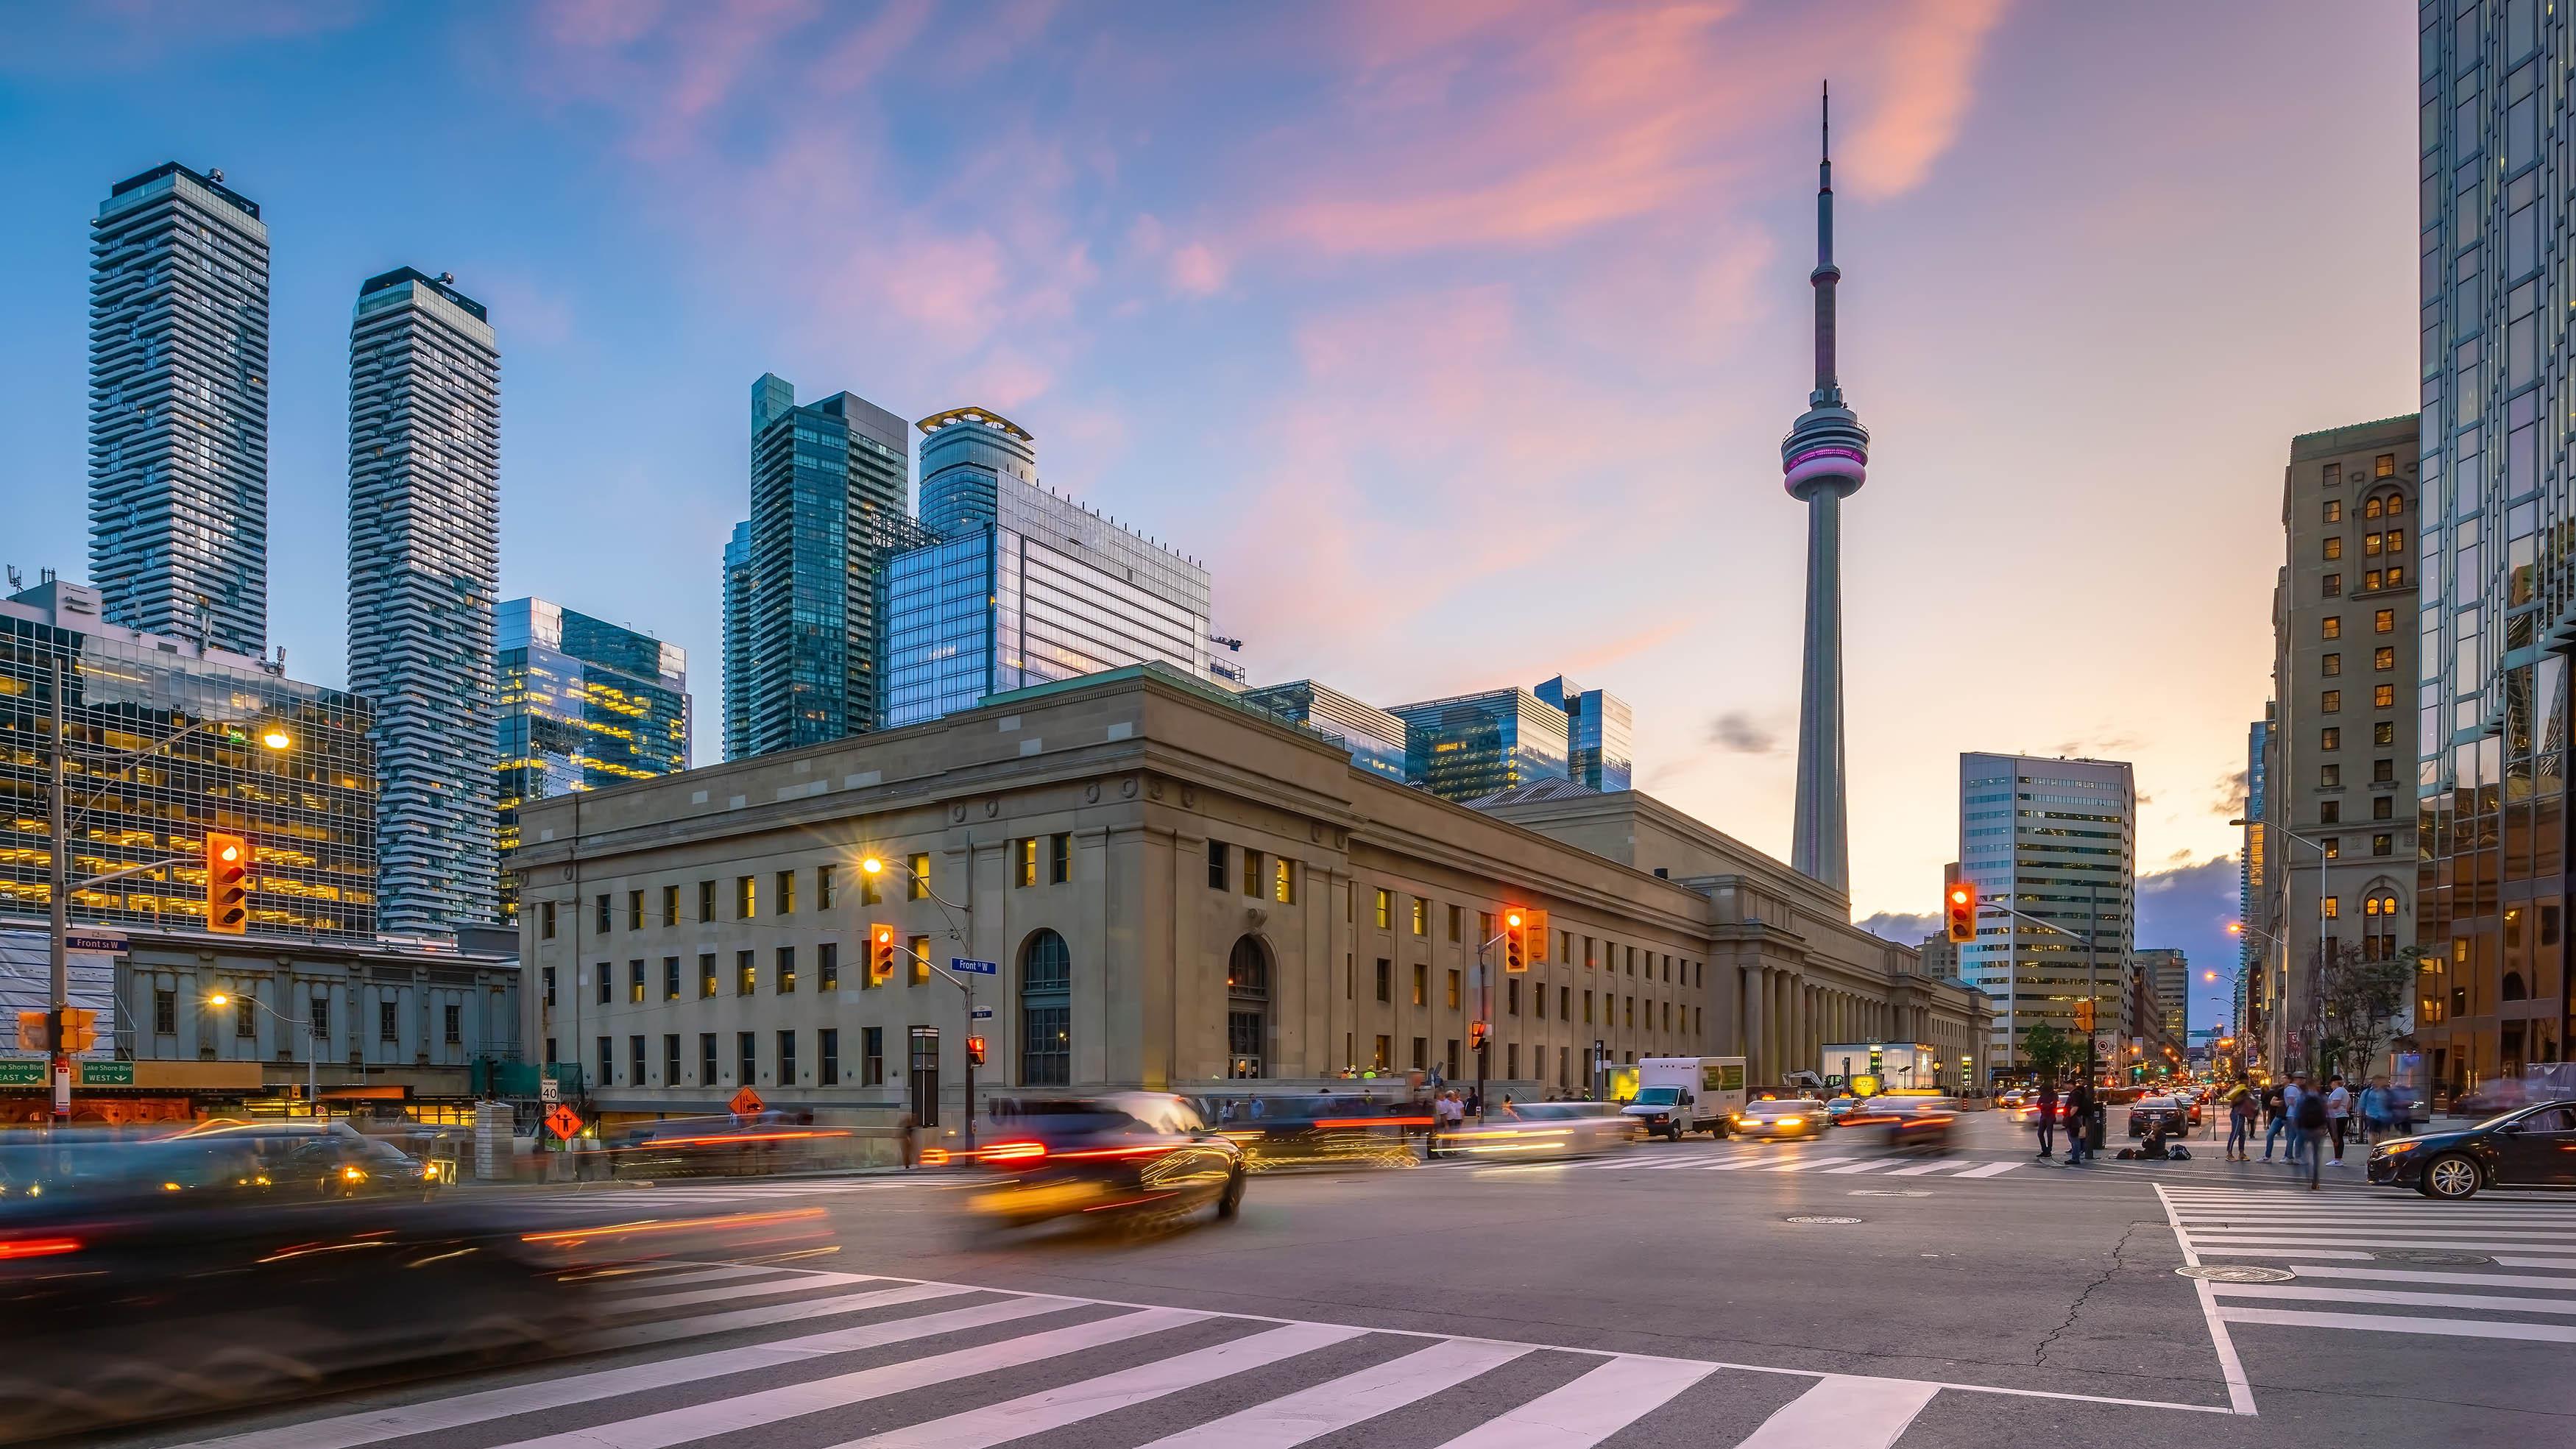 Канадский город для переезда и оформления гражданства Канады по натурализации